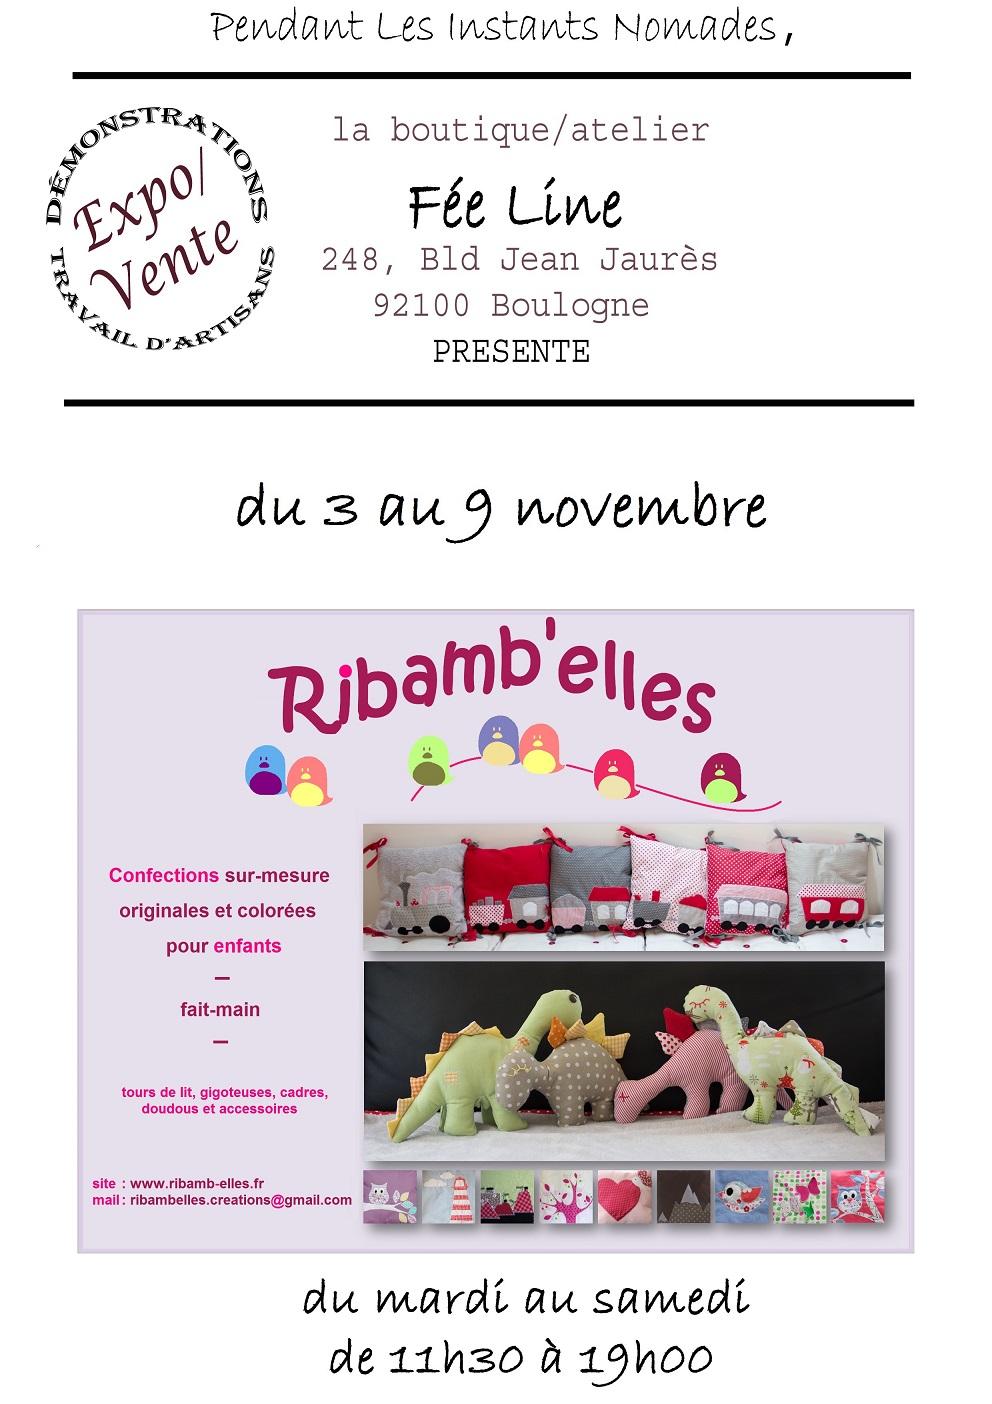 affiche Ribamb'elles - creations pour enfants